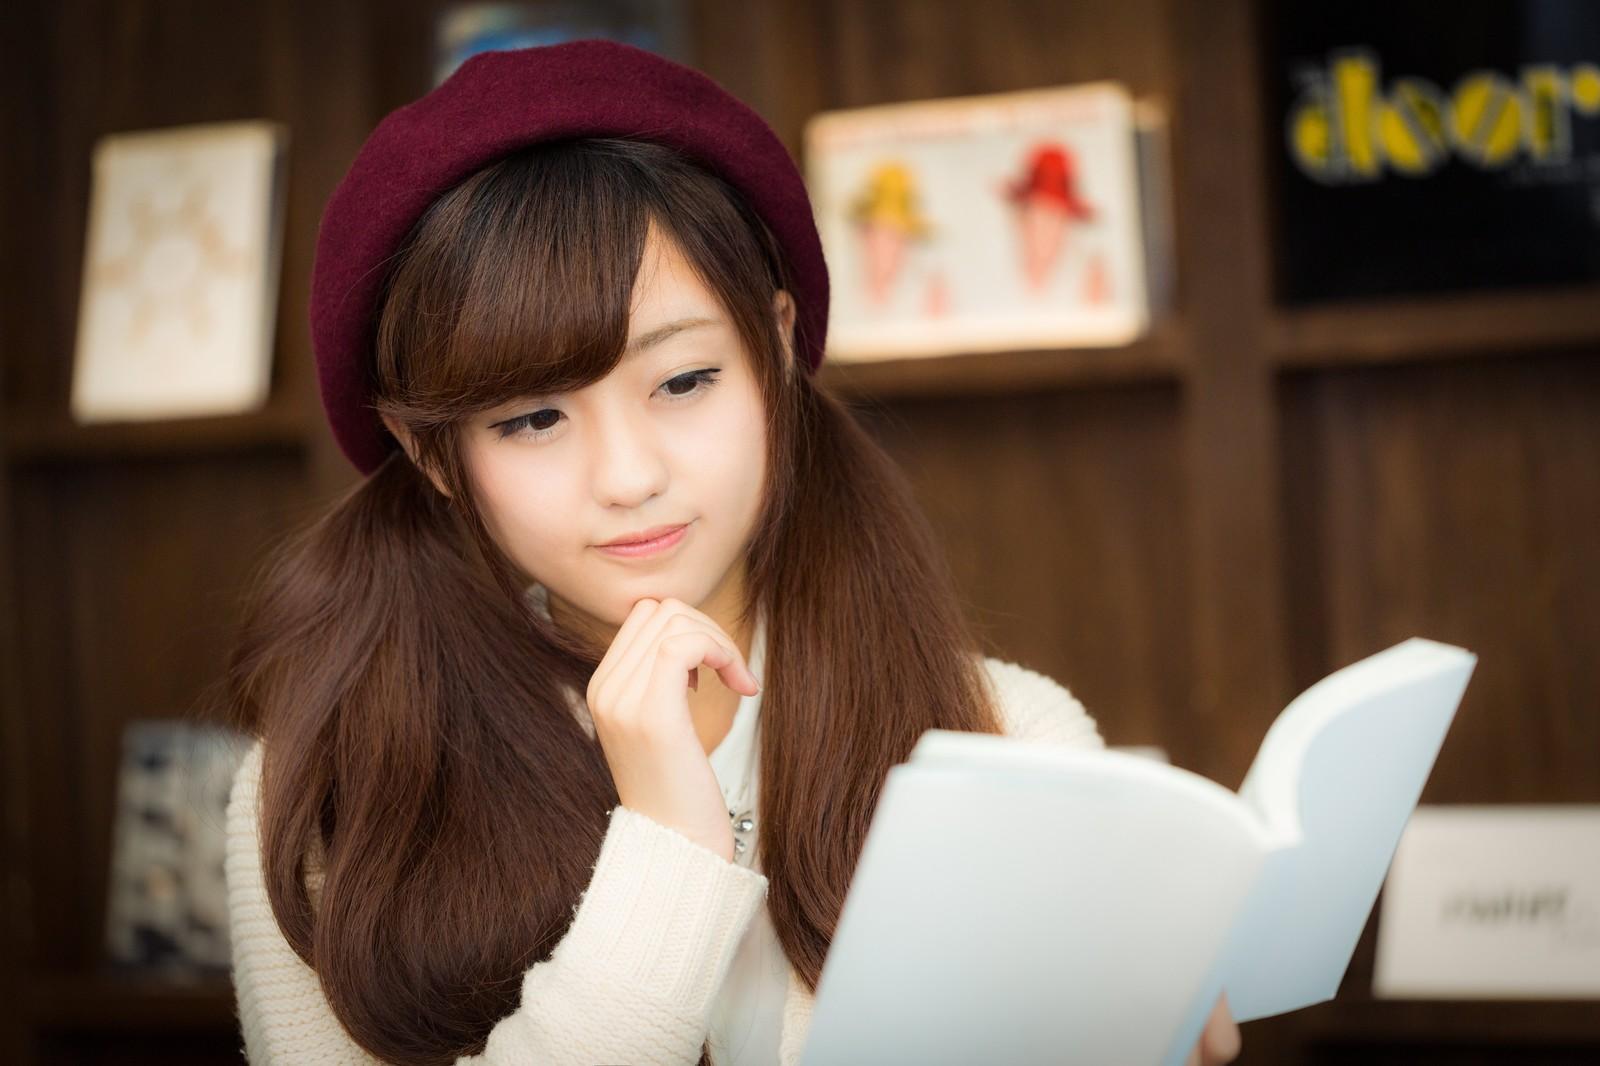 勉強しながら考える少女